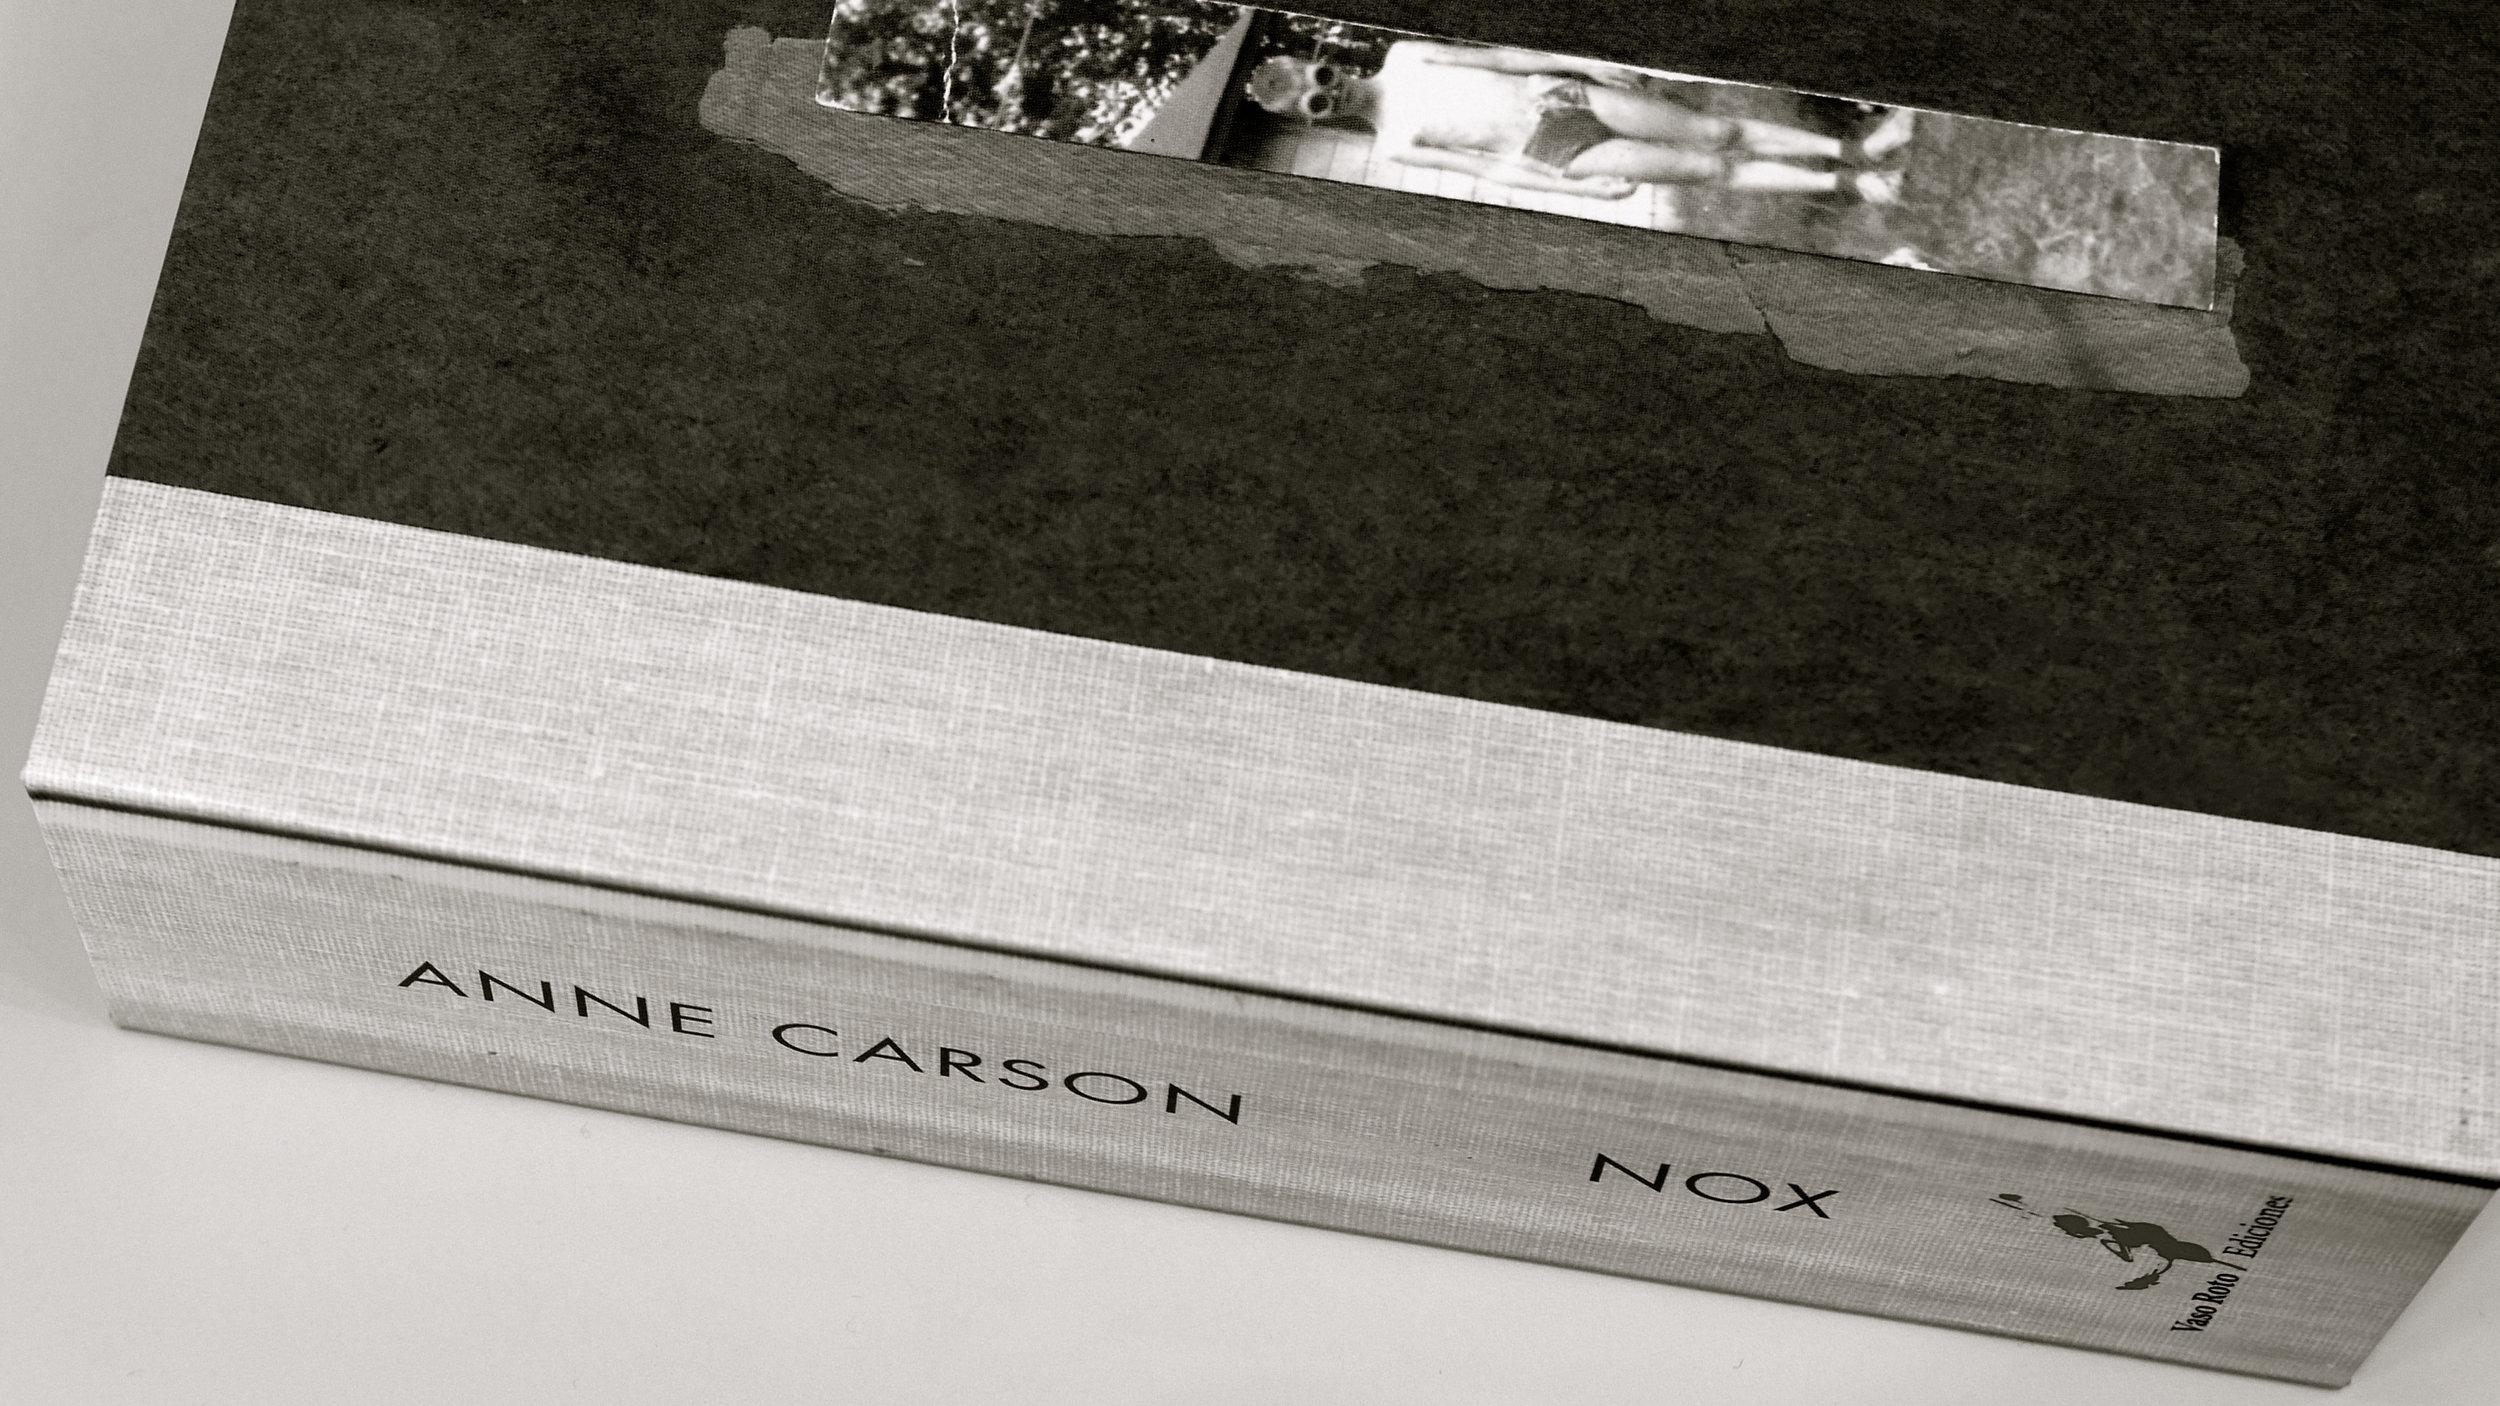 Nox Anne Carson